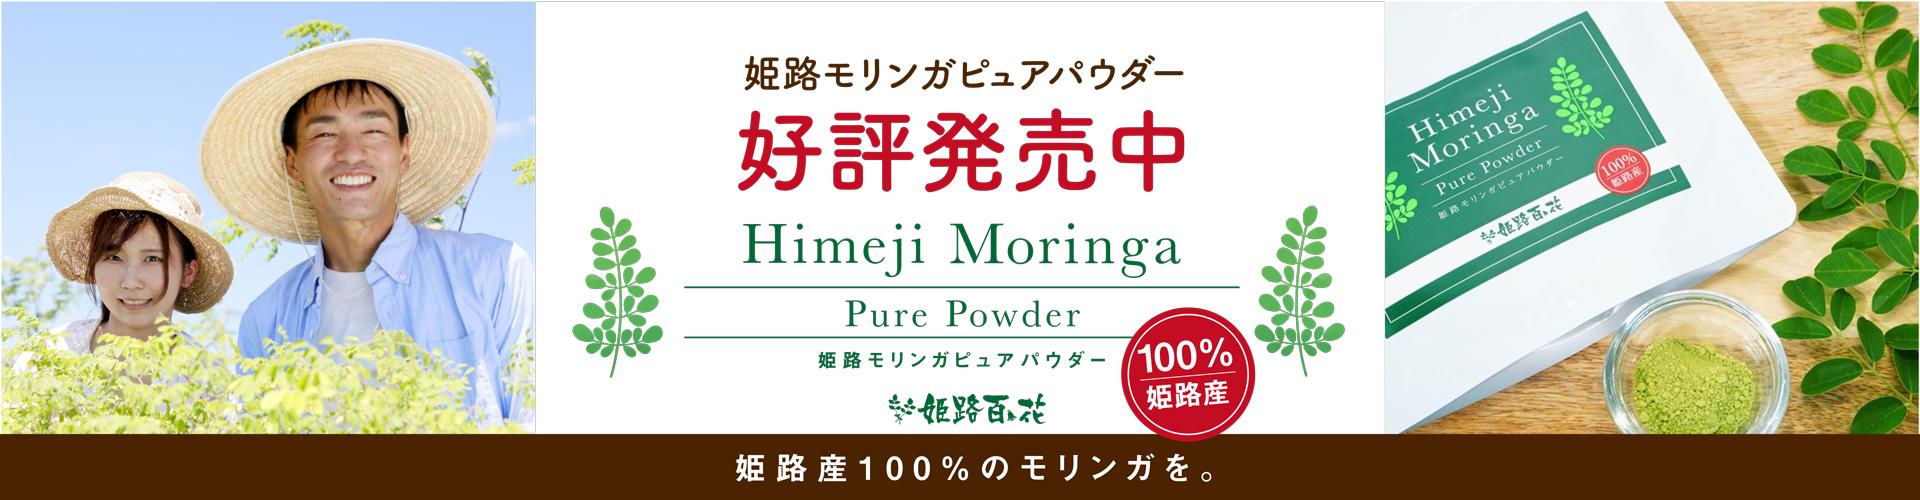 姫路モリンガピュアパウダー 好評発売中